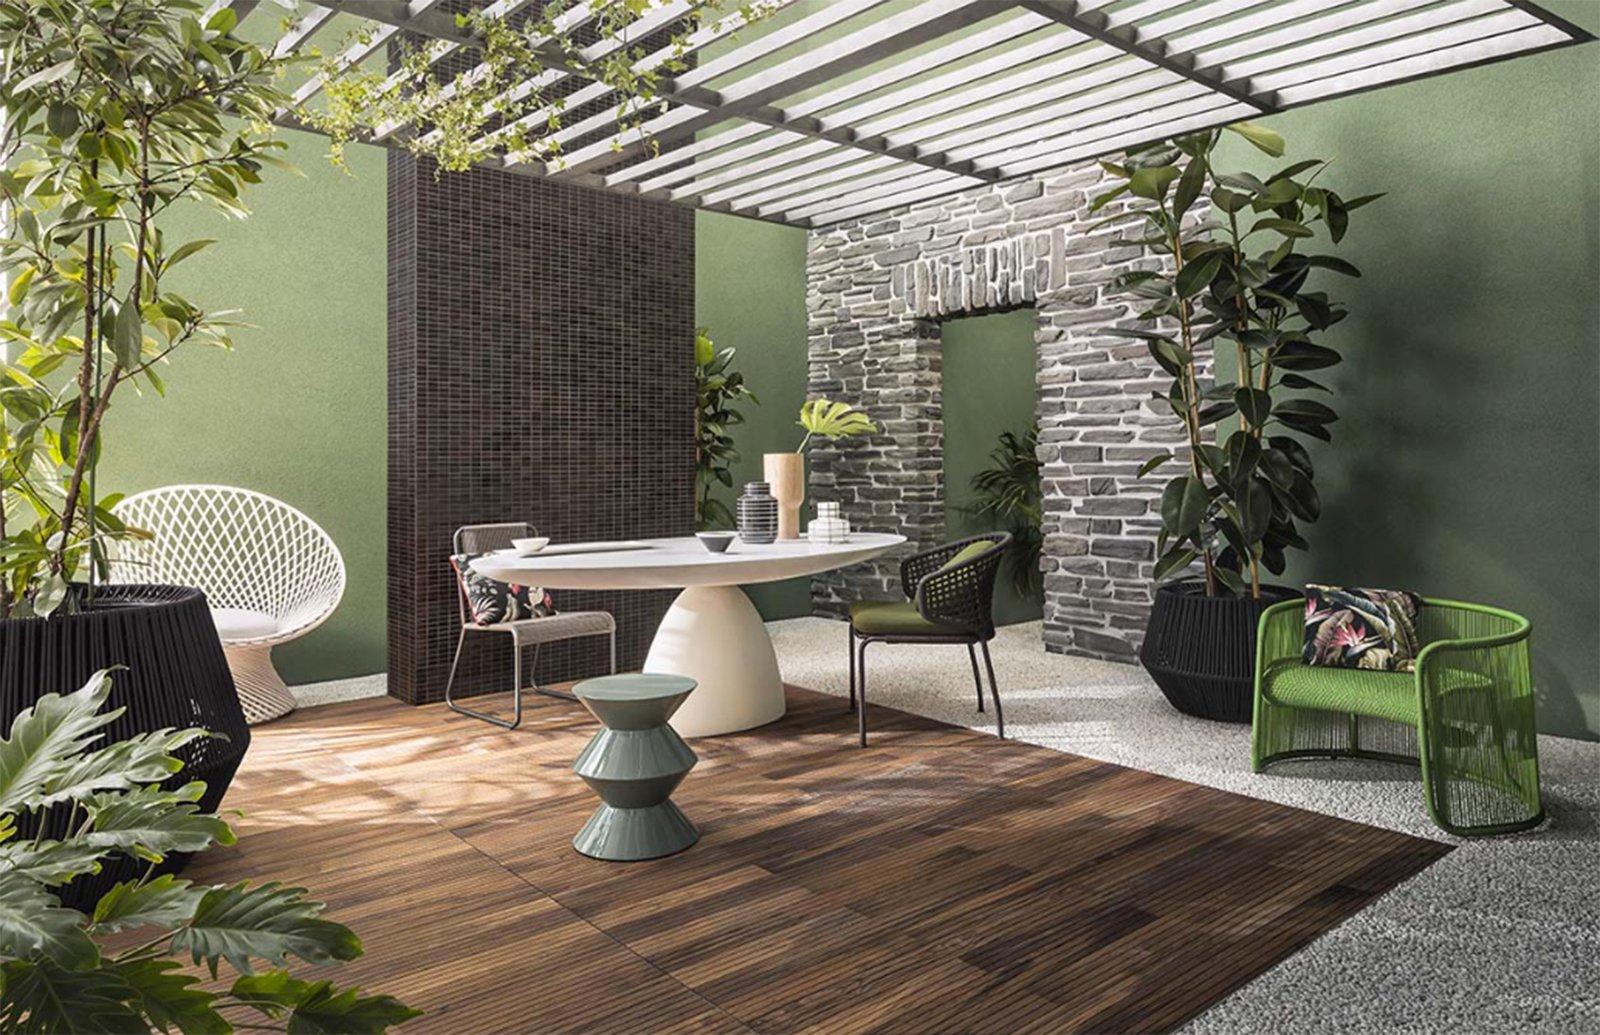 Finiture e trattamenti per pareti e pavimenti cose di casa - Piastrelle decorative per pareti ...